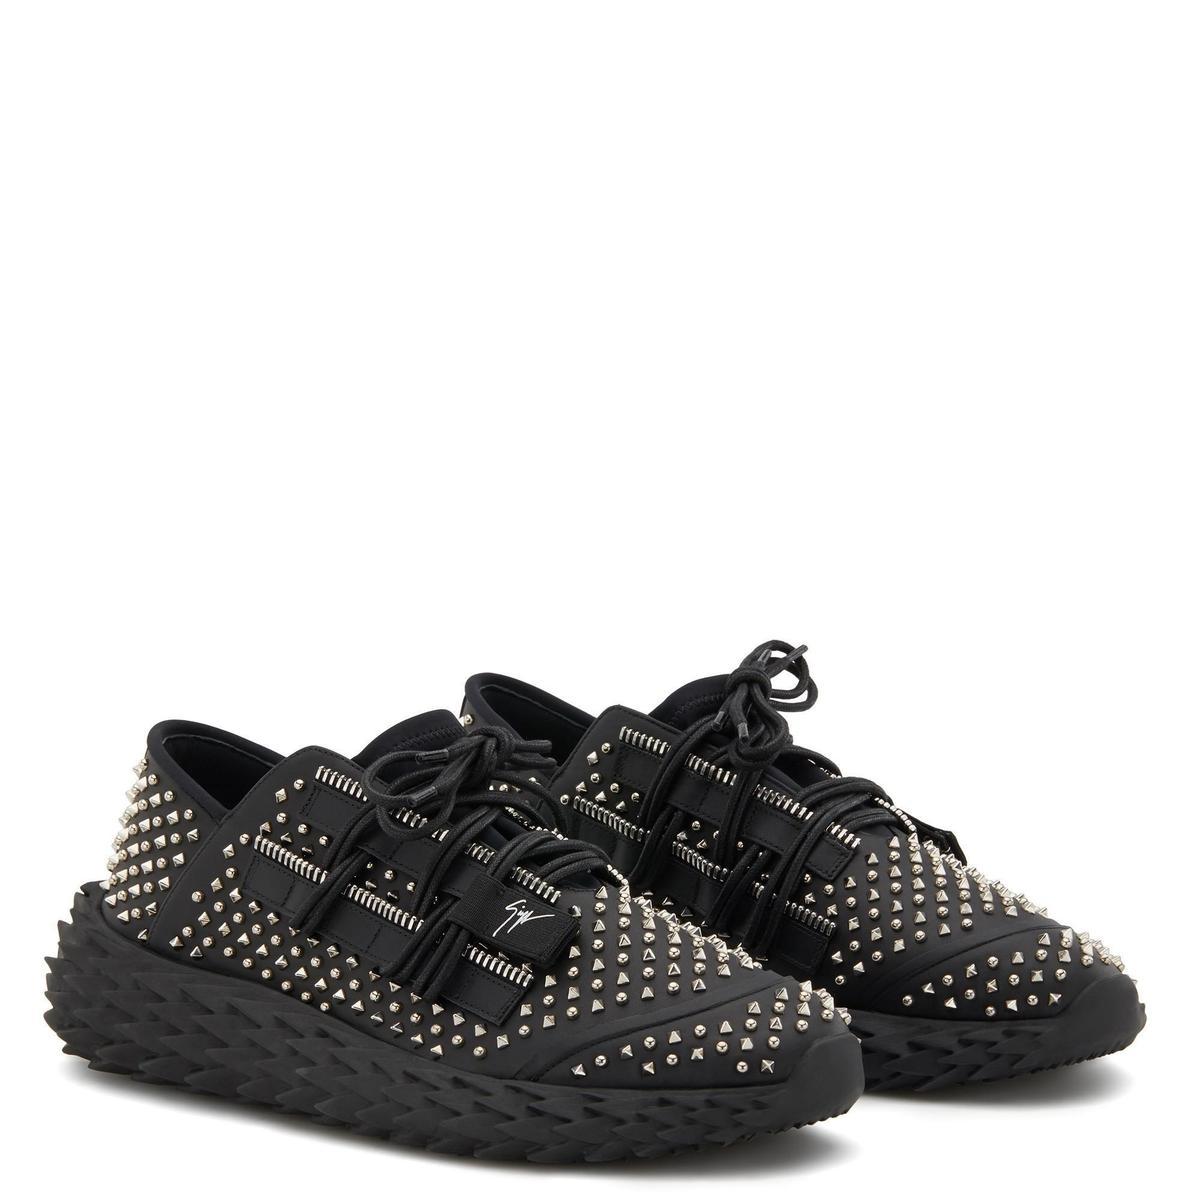 黑色鉚釘Urchin休閒鞋 價格店洽 GIUSEPPE ZANOTTI。(GIUSEPPE ZANOTTI提供)